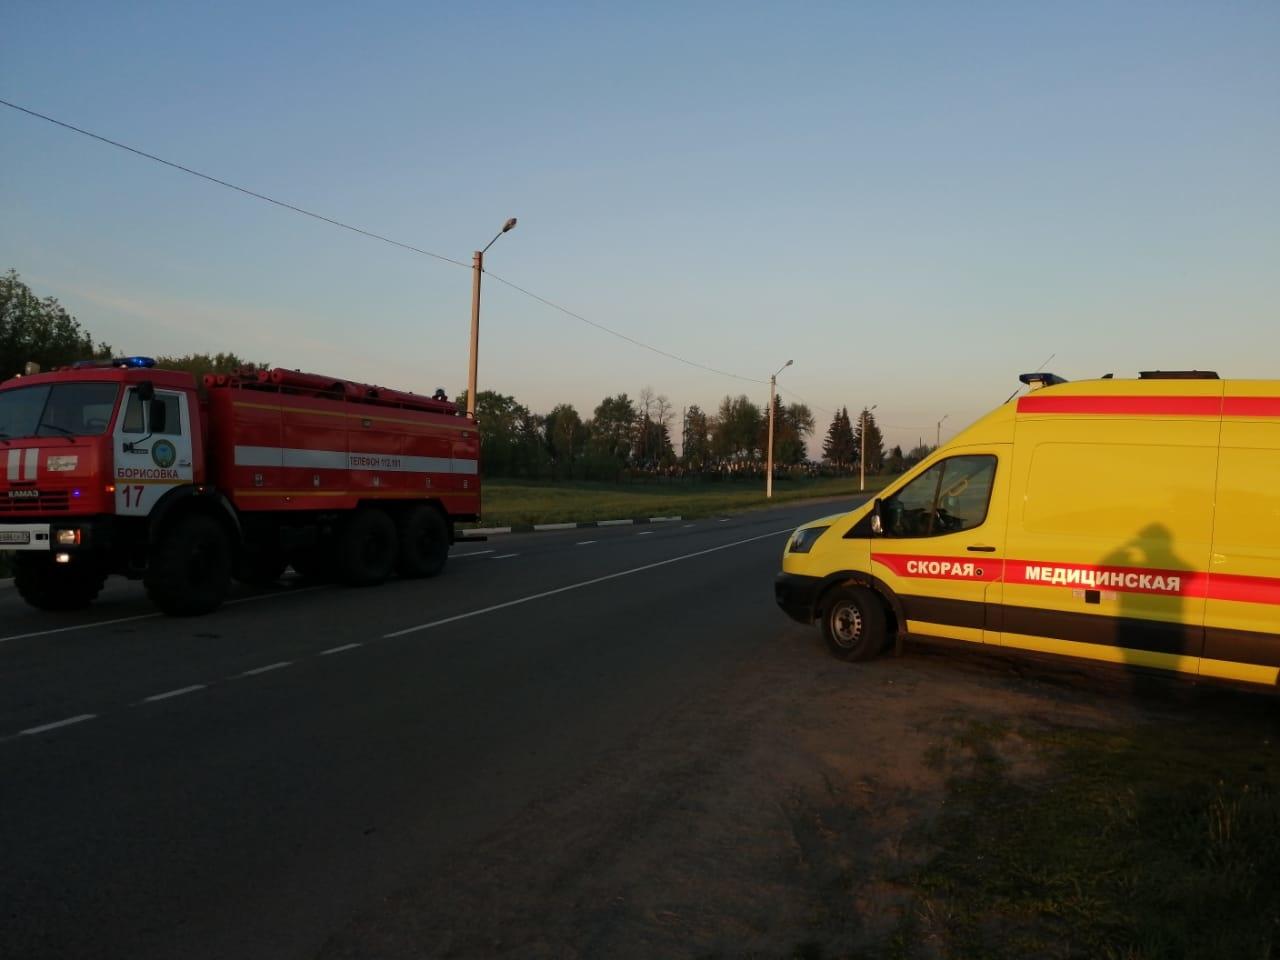 Спасатели МЧС России приняли участие в ликвидации ДТП в поселке Борисовка Белгородской  области